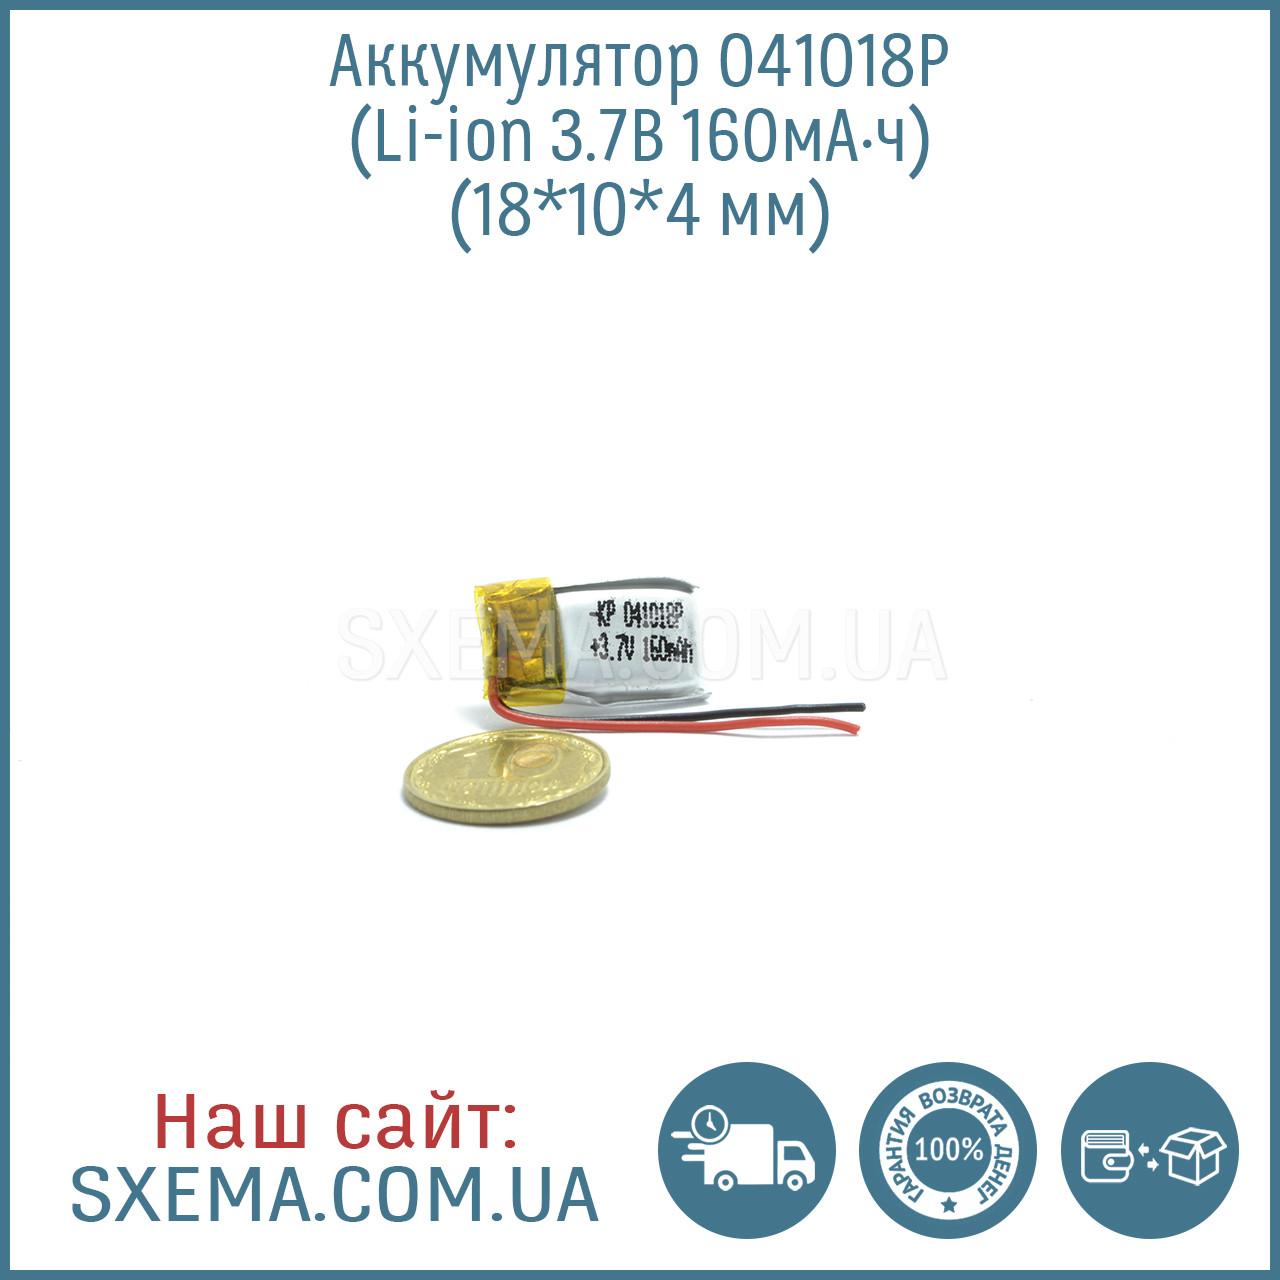 Аккумулятор универсальный 041018 (Li-ion 3.7В 160мА·ч), (18*10*4 мм)